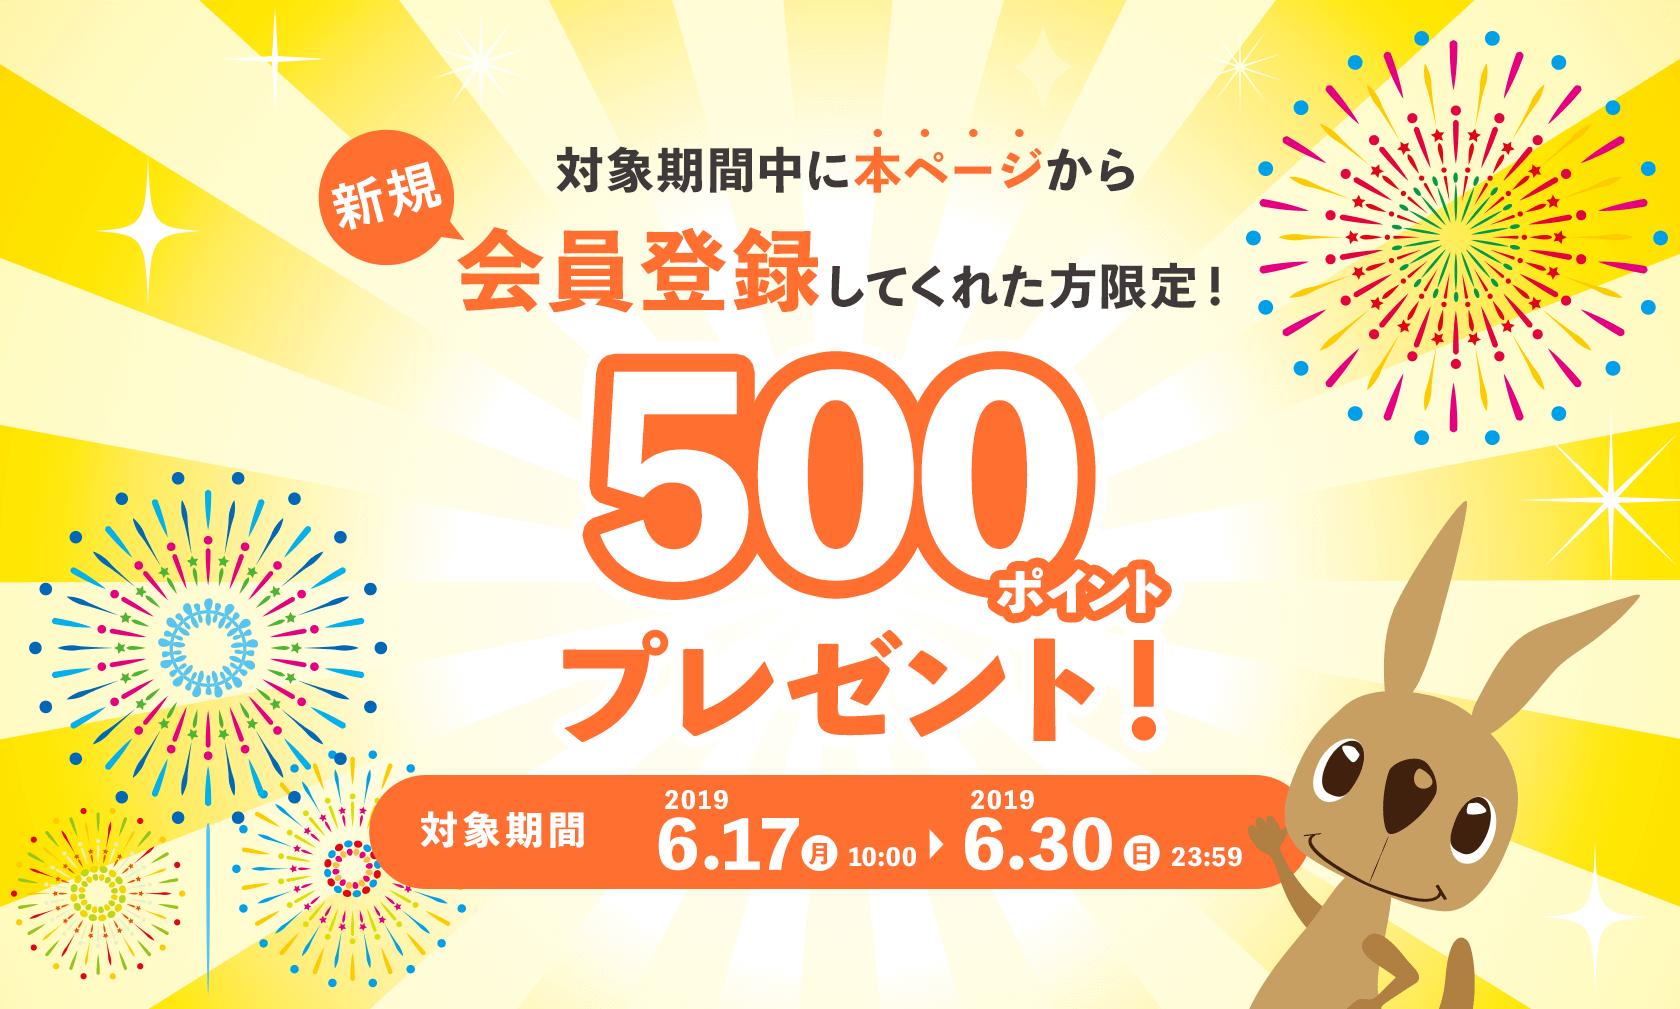 対象期間中に本ページから新規会員登録してくれた方限定!500ポイントプレゼント!